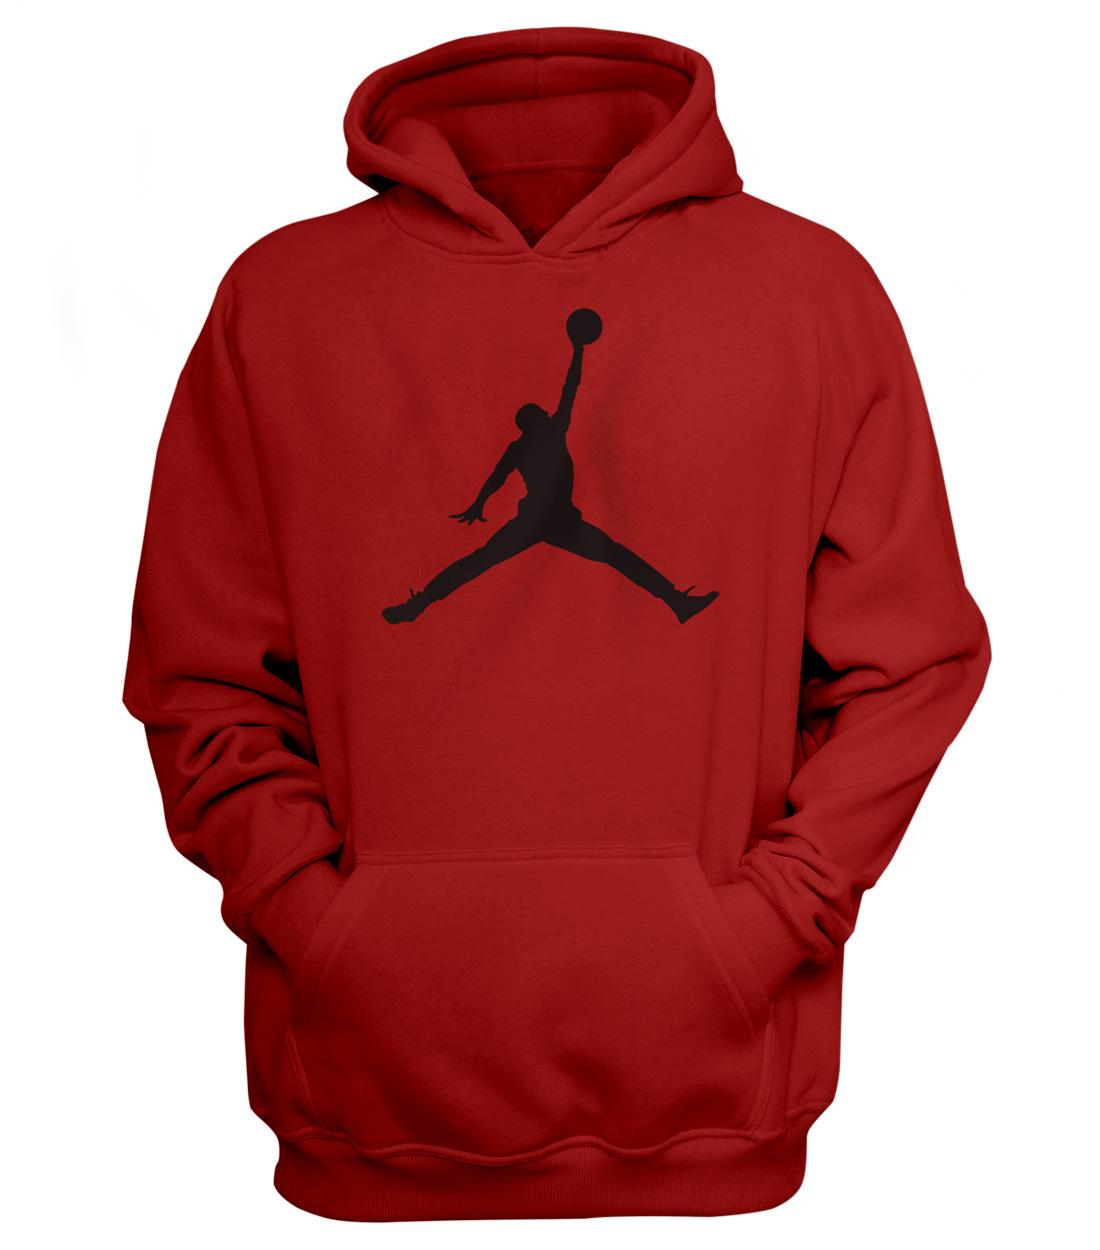 Air Jordan Hoodie (HD-RED-NP-4-PLYR-JRDN-SYH)